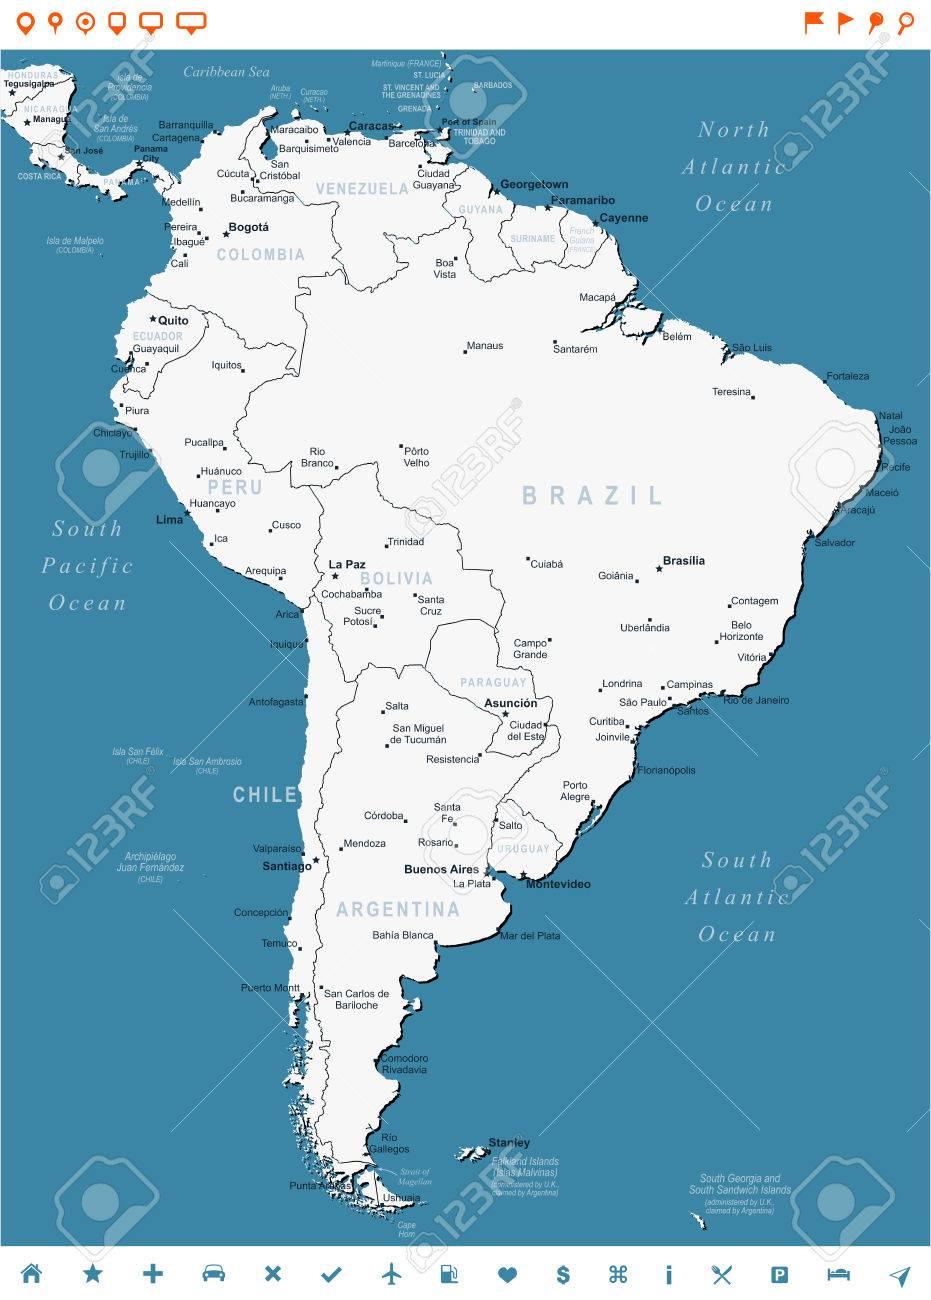 Mapa America Del Sur Con Nombres.America Del Sur Mapa Altamente Detallada Ilustracion Vectorial La Imagen Contiene Contornos Terrestres Nombres De Paises Y De La Tierra Los